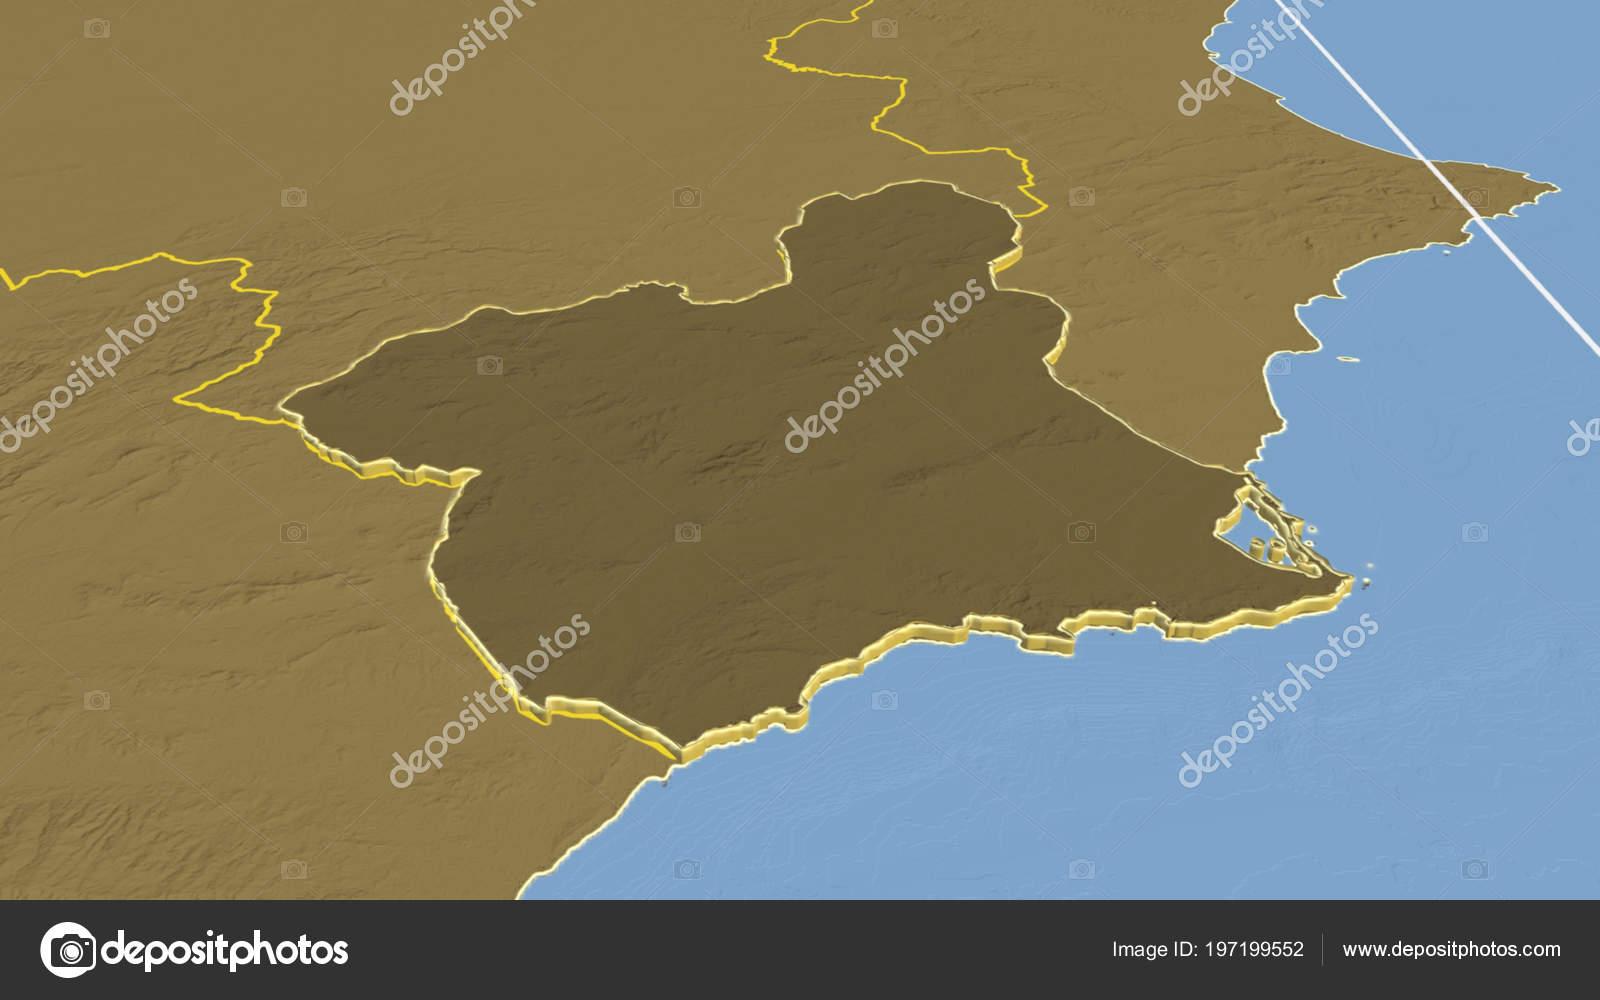 Karta Italien Spanien.Region Murcia Region Spanien Pressad Bilevel Hojd Karta